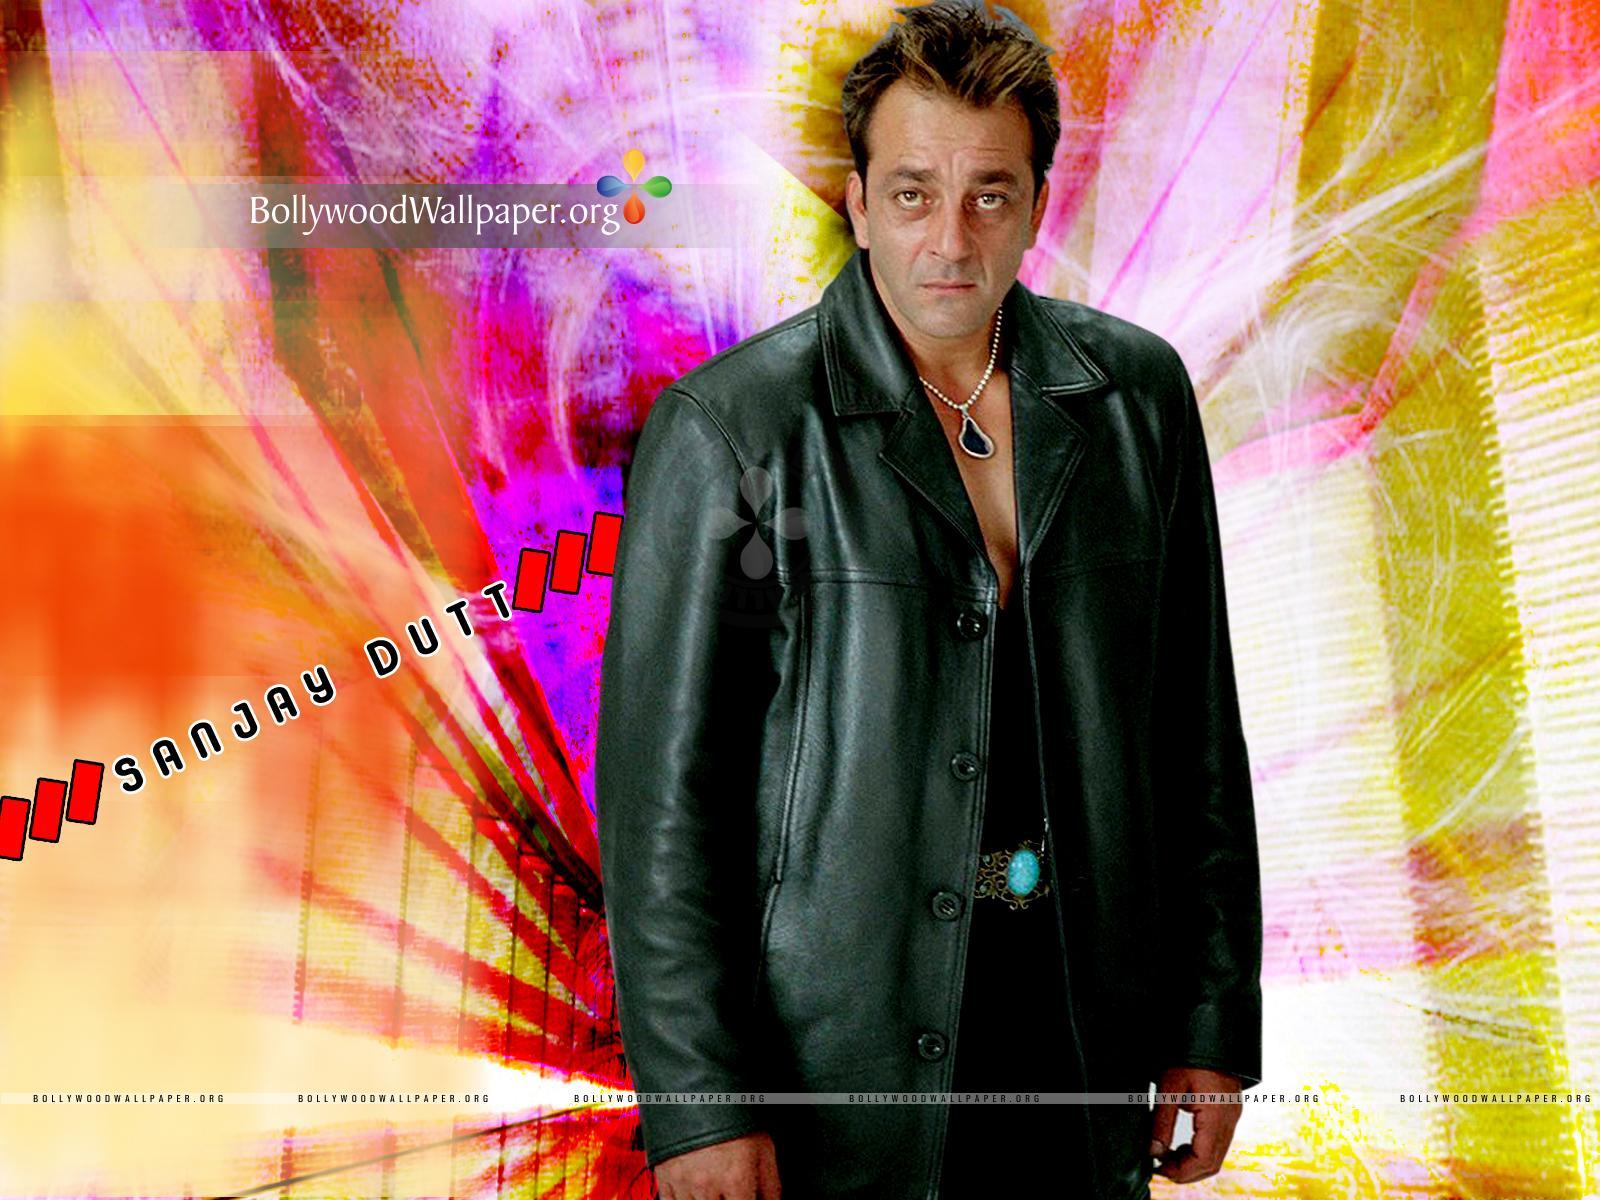 http://4.bp.blogspot.com/-5bLjePJkpuk/Ti0UZTjXy2I/AAAAAAAACJU/junxZVeVZ_E/s1600/Sanjay-Dutt-Wallpaper-012.jpg